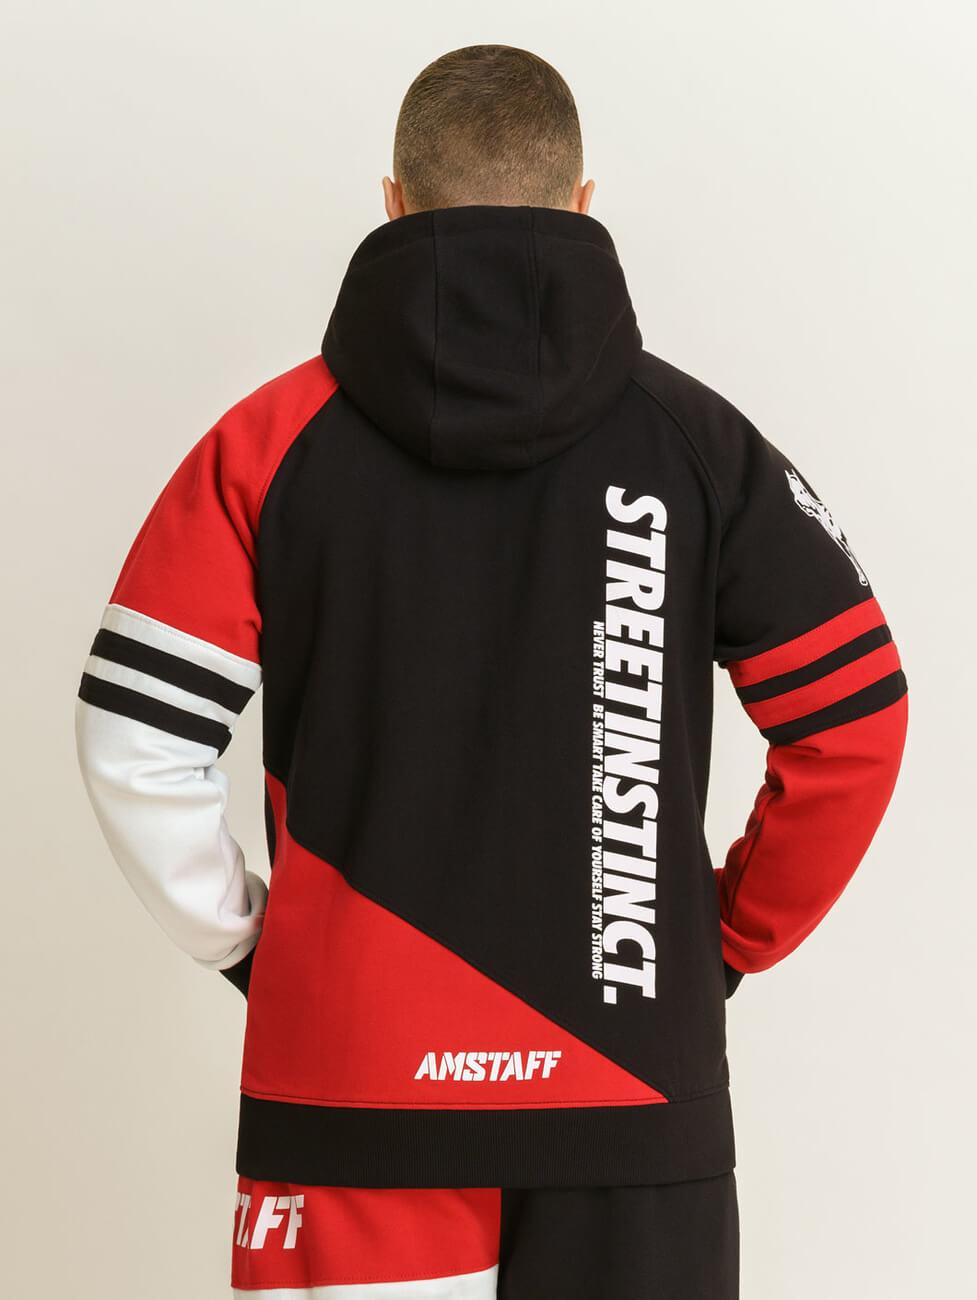 Купить фирменный спортивный костюм мужской Amstaff Zafir с доставкой в Москву и Спб